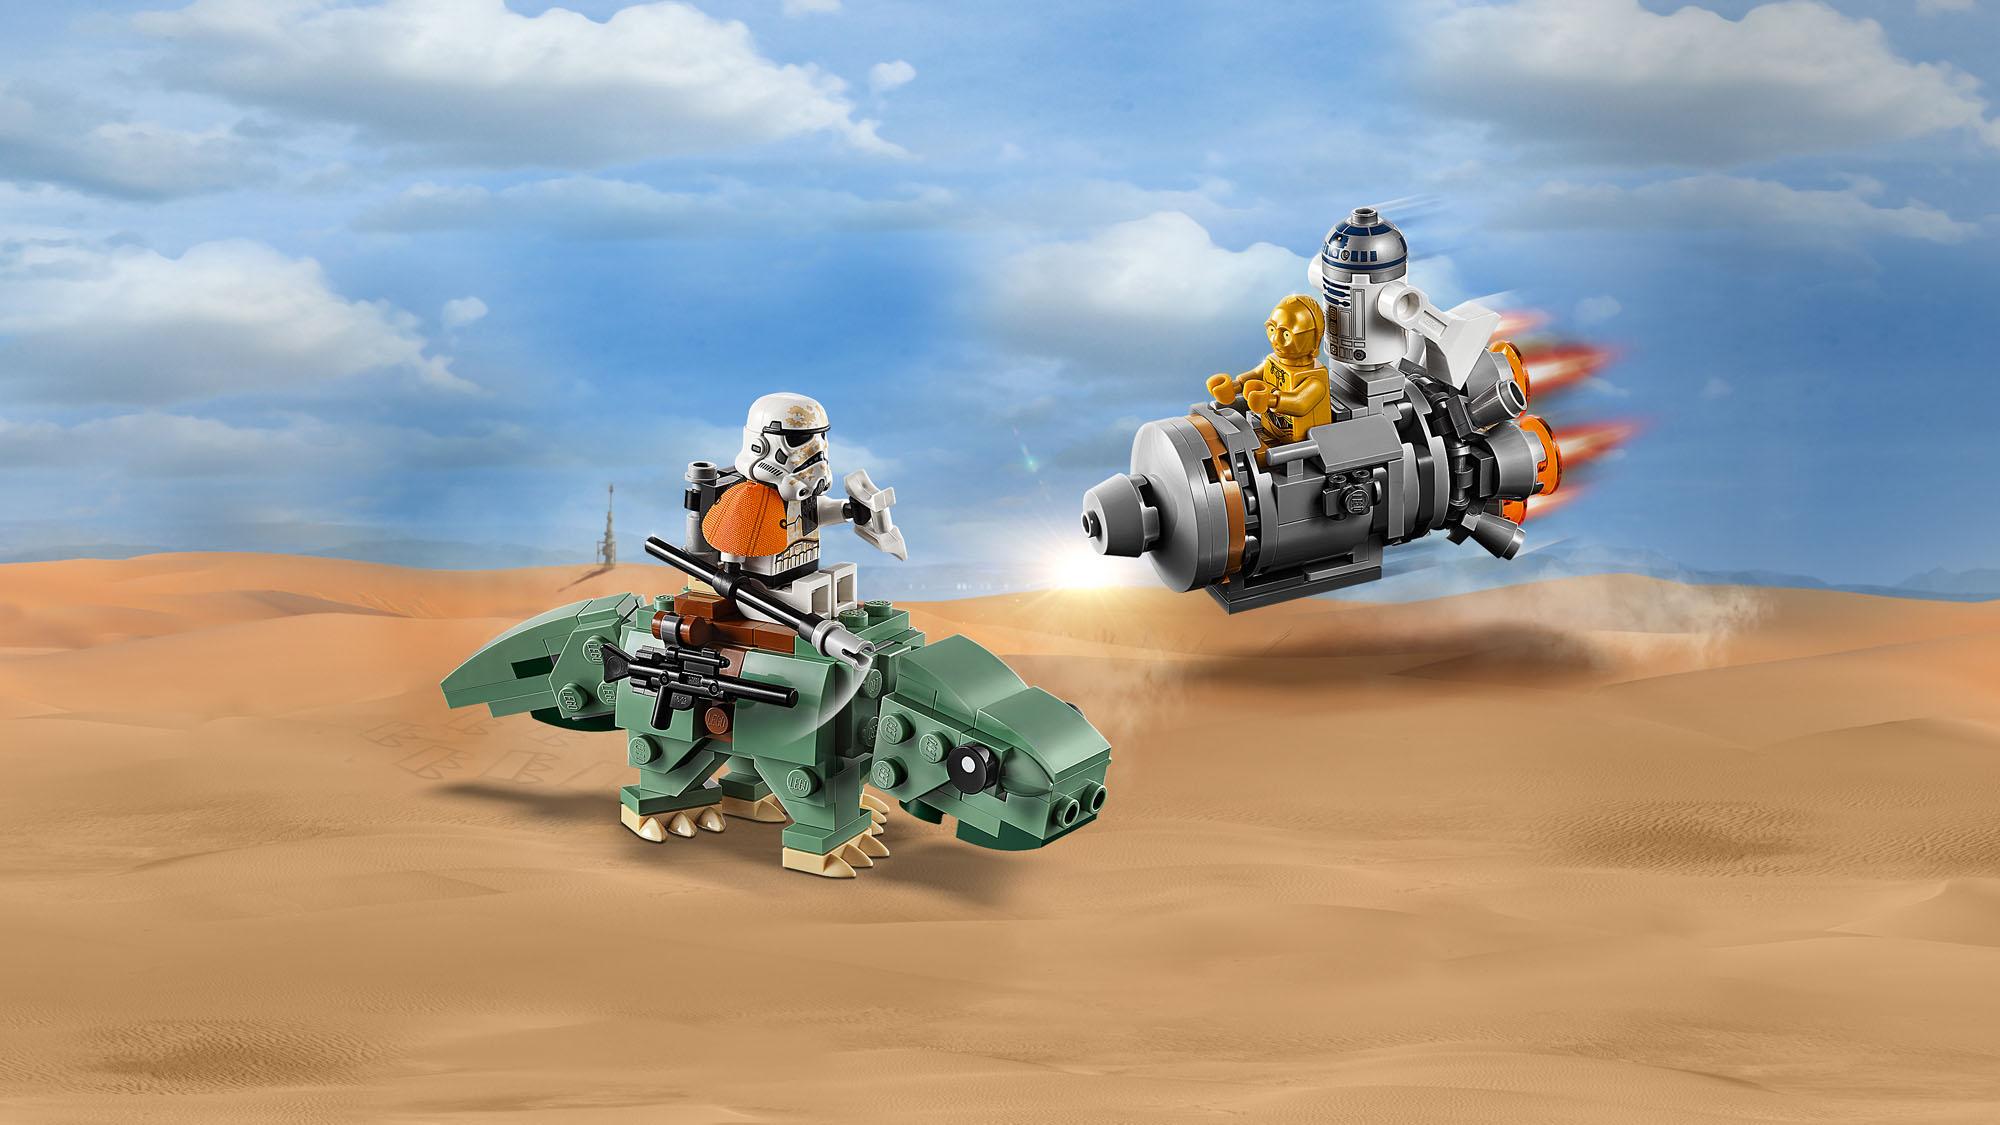 75228 LEGO Star Wars Escape Pod vs Dewback Microfighters 177pcs Age 6 New 2019